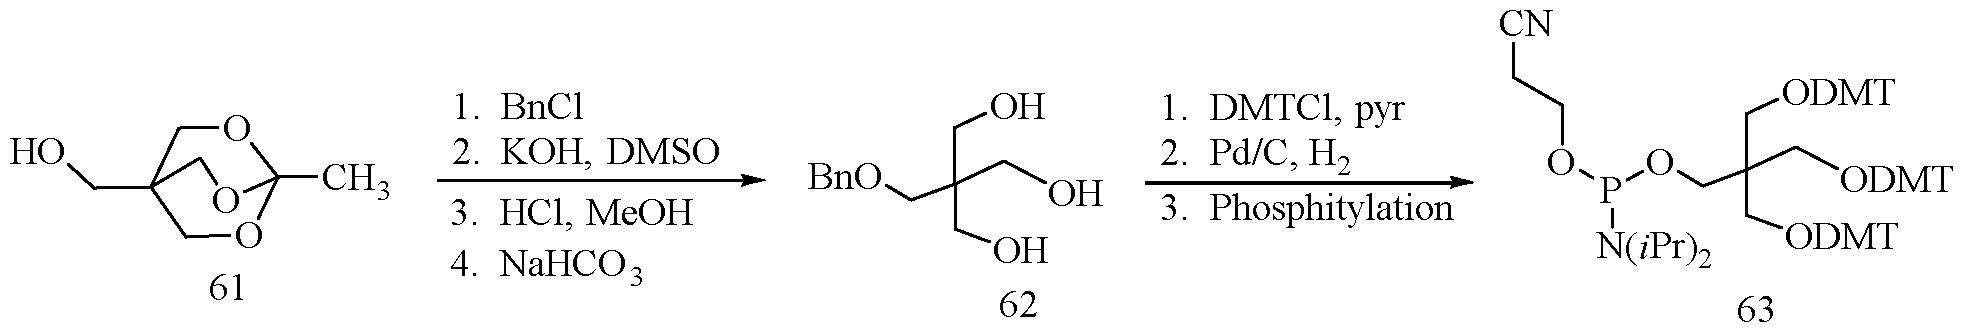 Figure imgf000211_0003